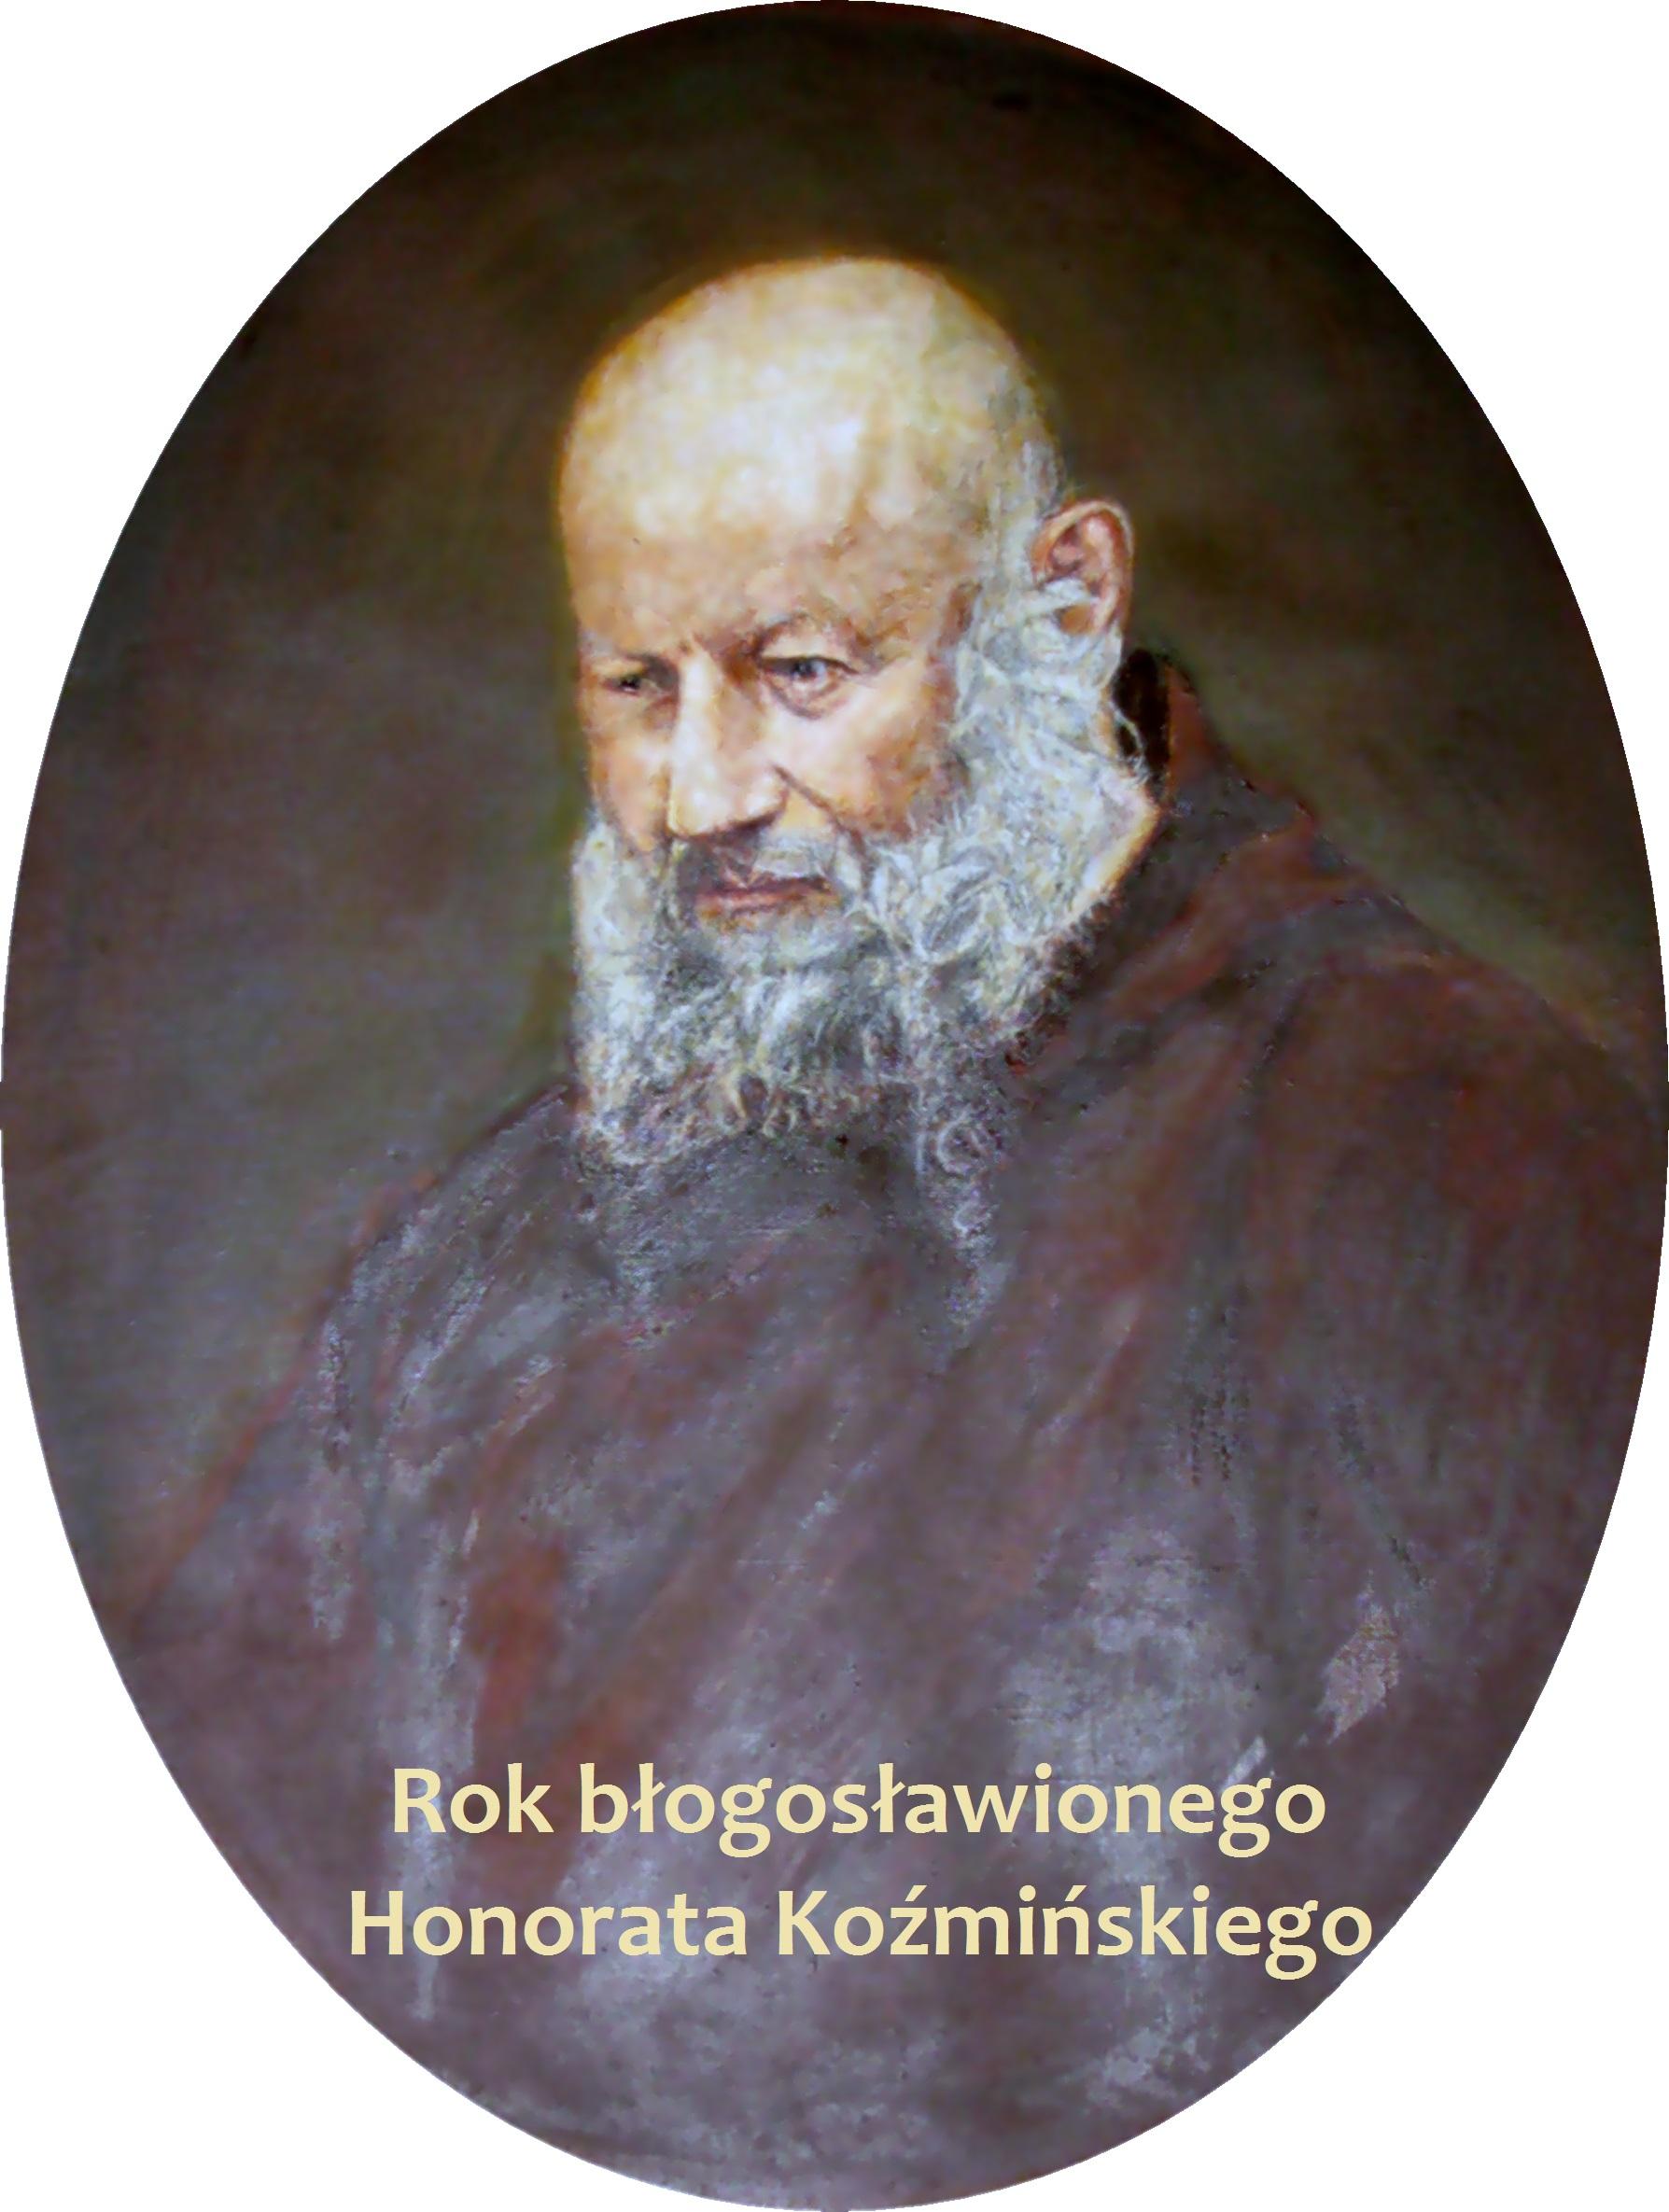 Rok 2016 – Rokiem Honorata Koźmińskiego